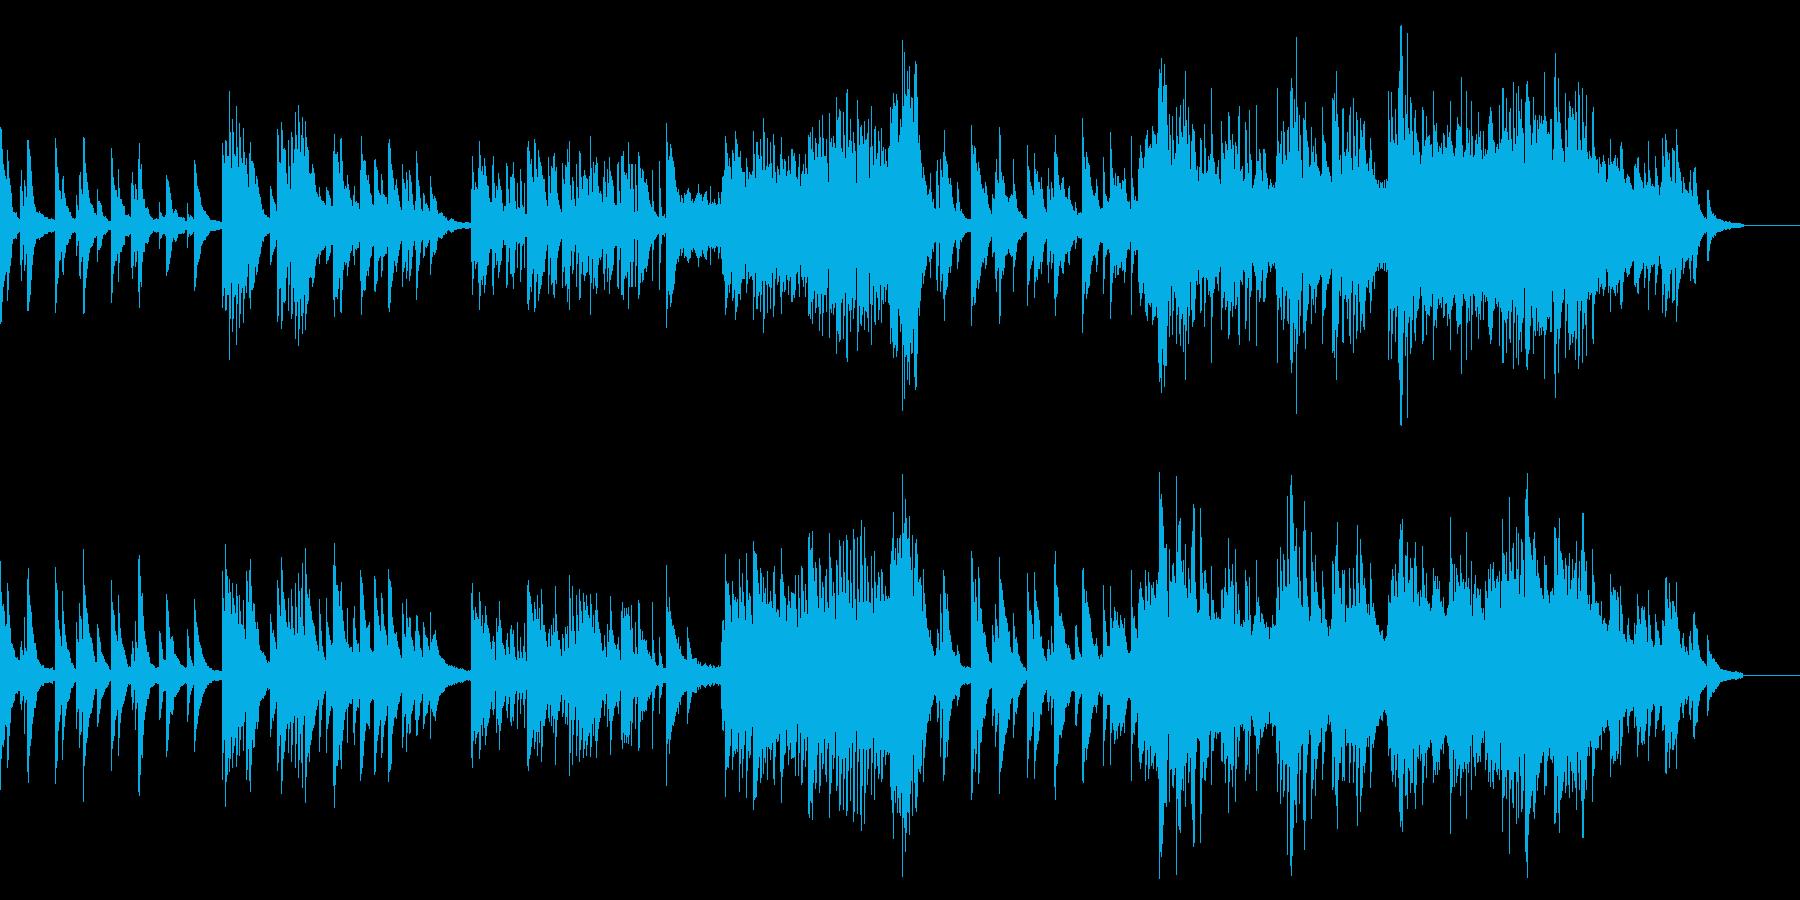 ピアノ・ストリングスが香るバラードの再生済みの波形